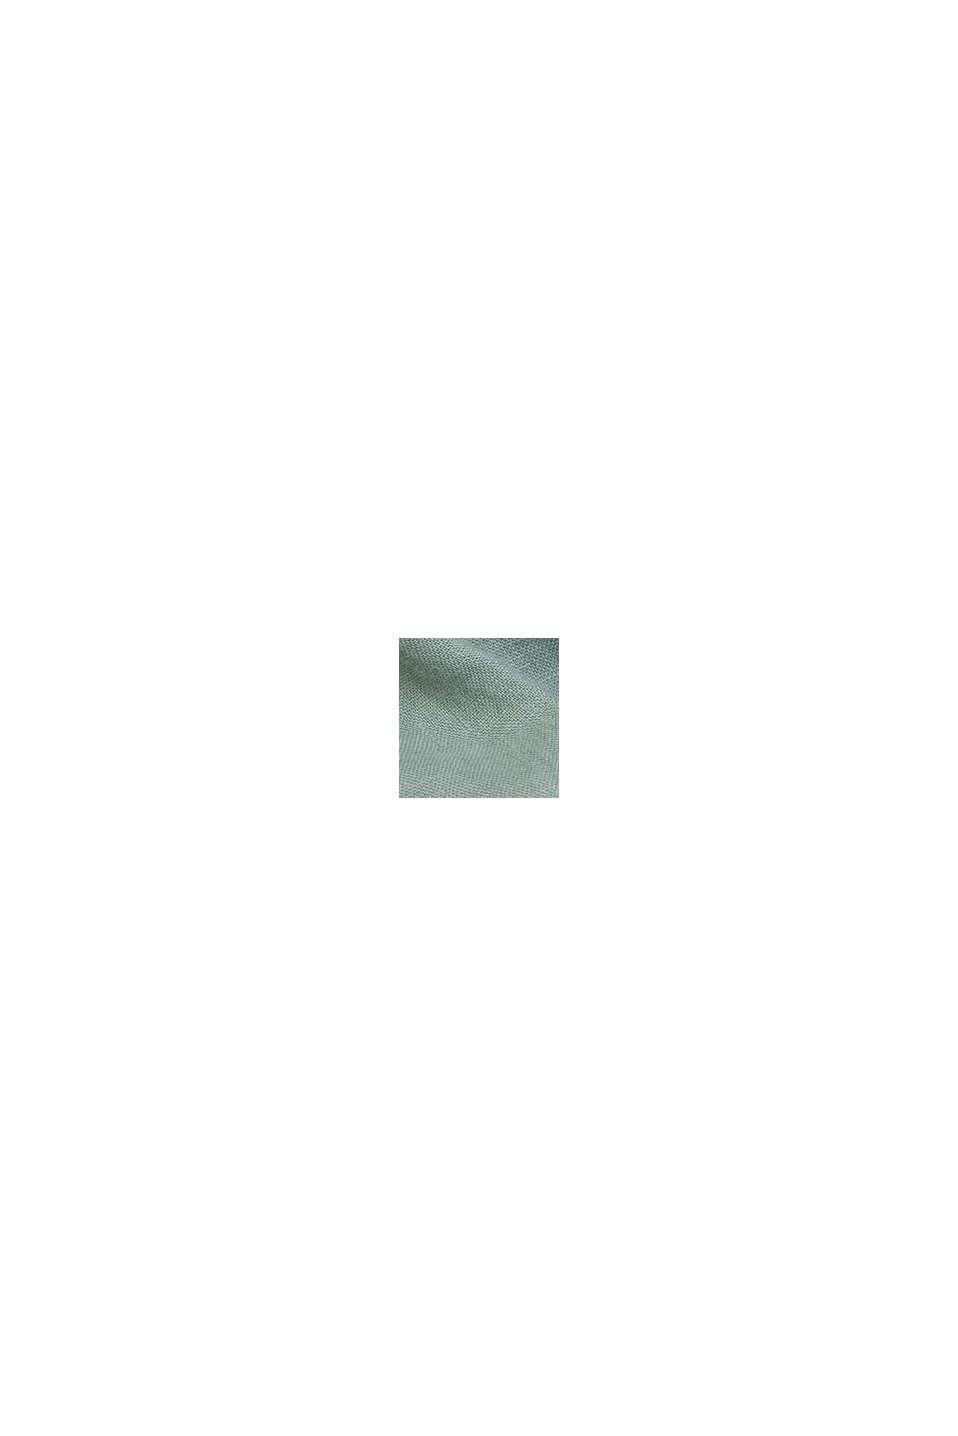 Buttendownoverhemd van 100% linnen, LIGHT KHAKI, swatch